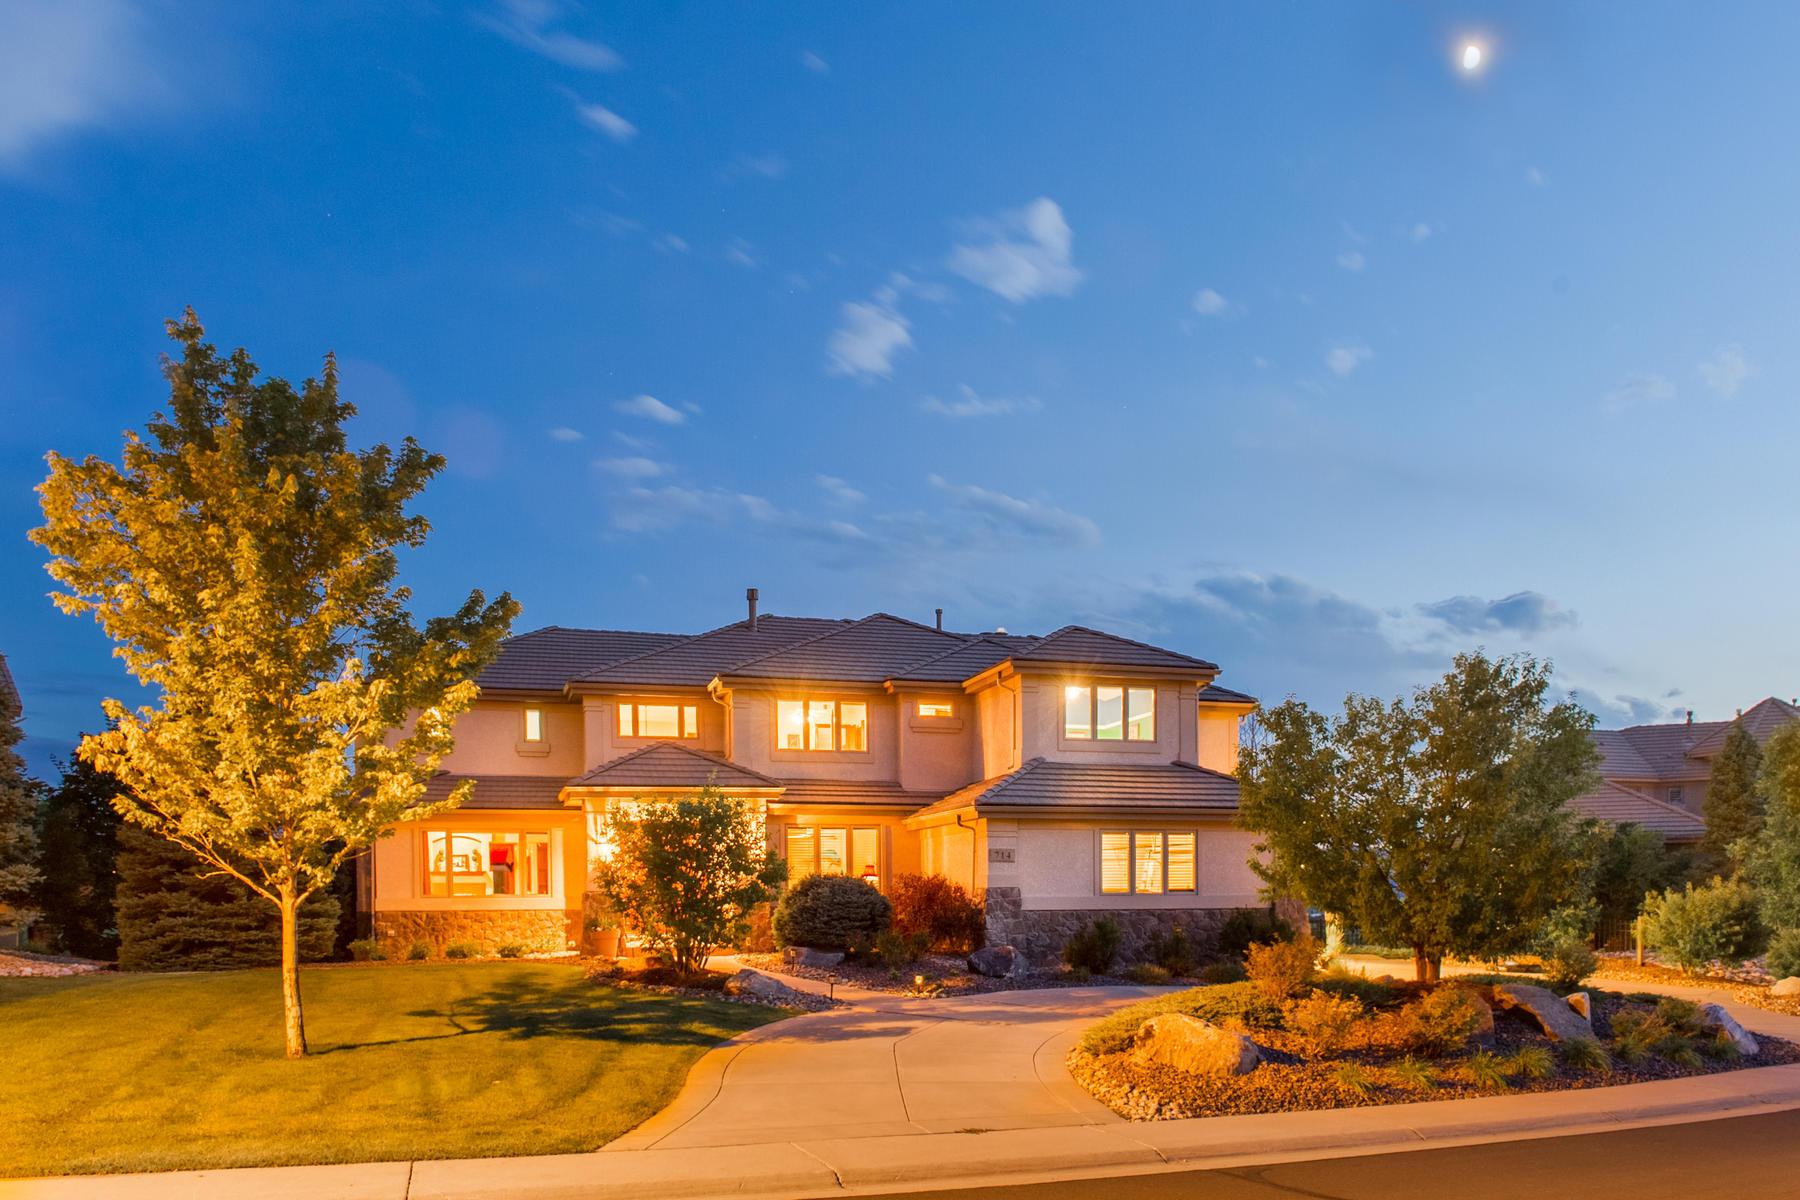 Moradia para Venda às Fall in love with this mountain contemporary custom home 714 Chamberlain Way Highlands Ranch, Colorado, 80126 Estados Unidos